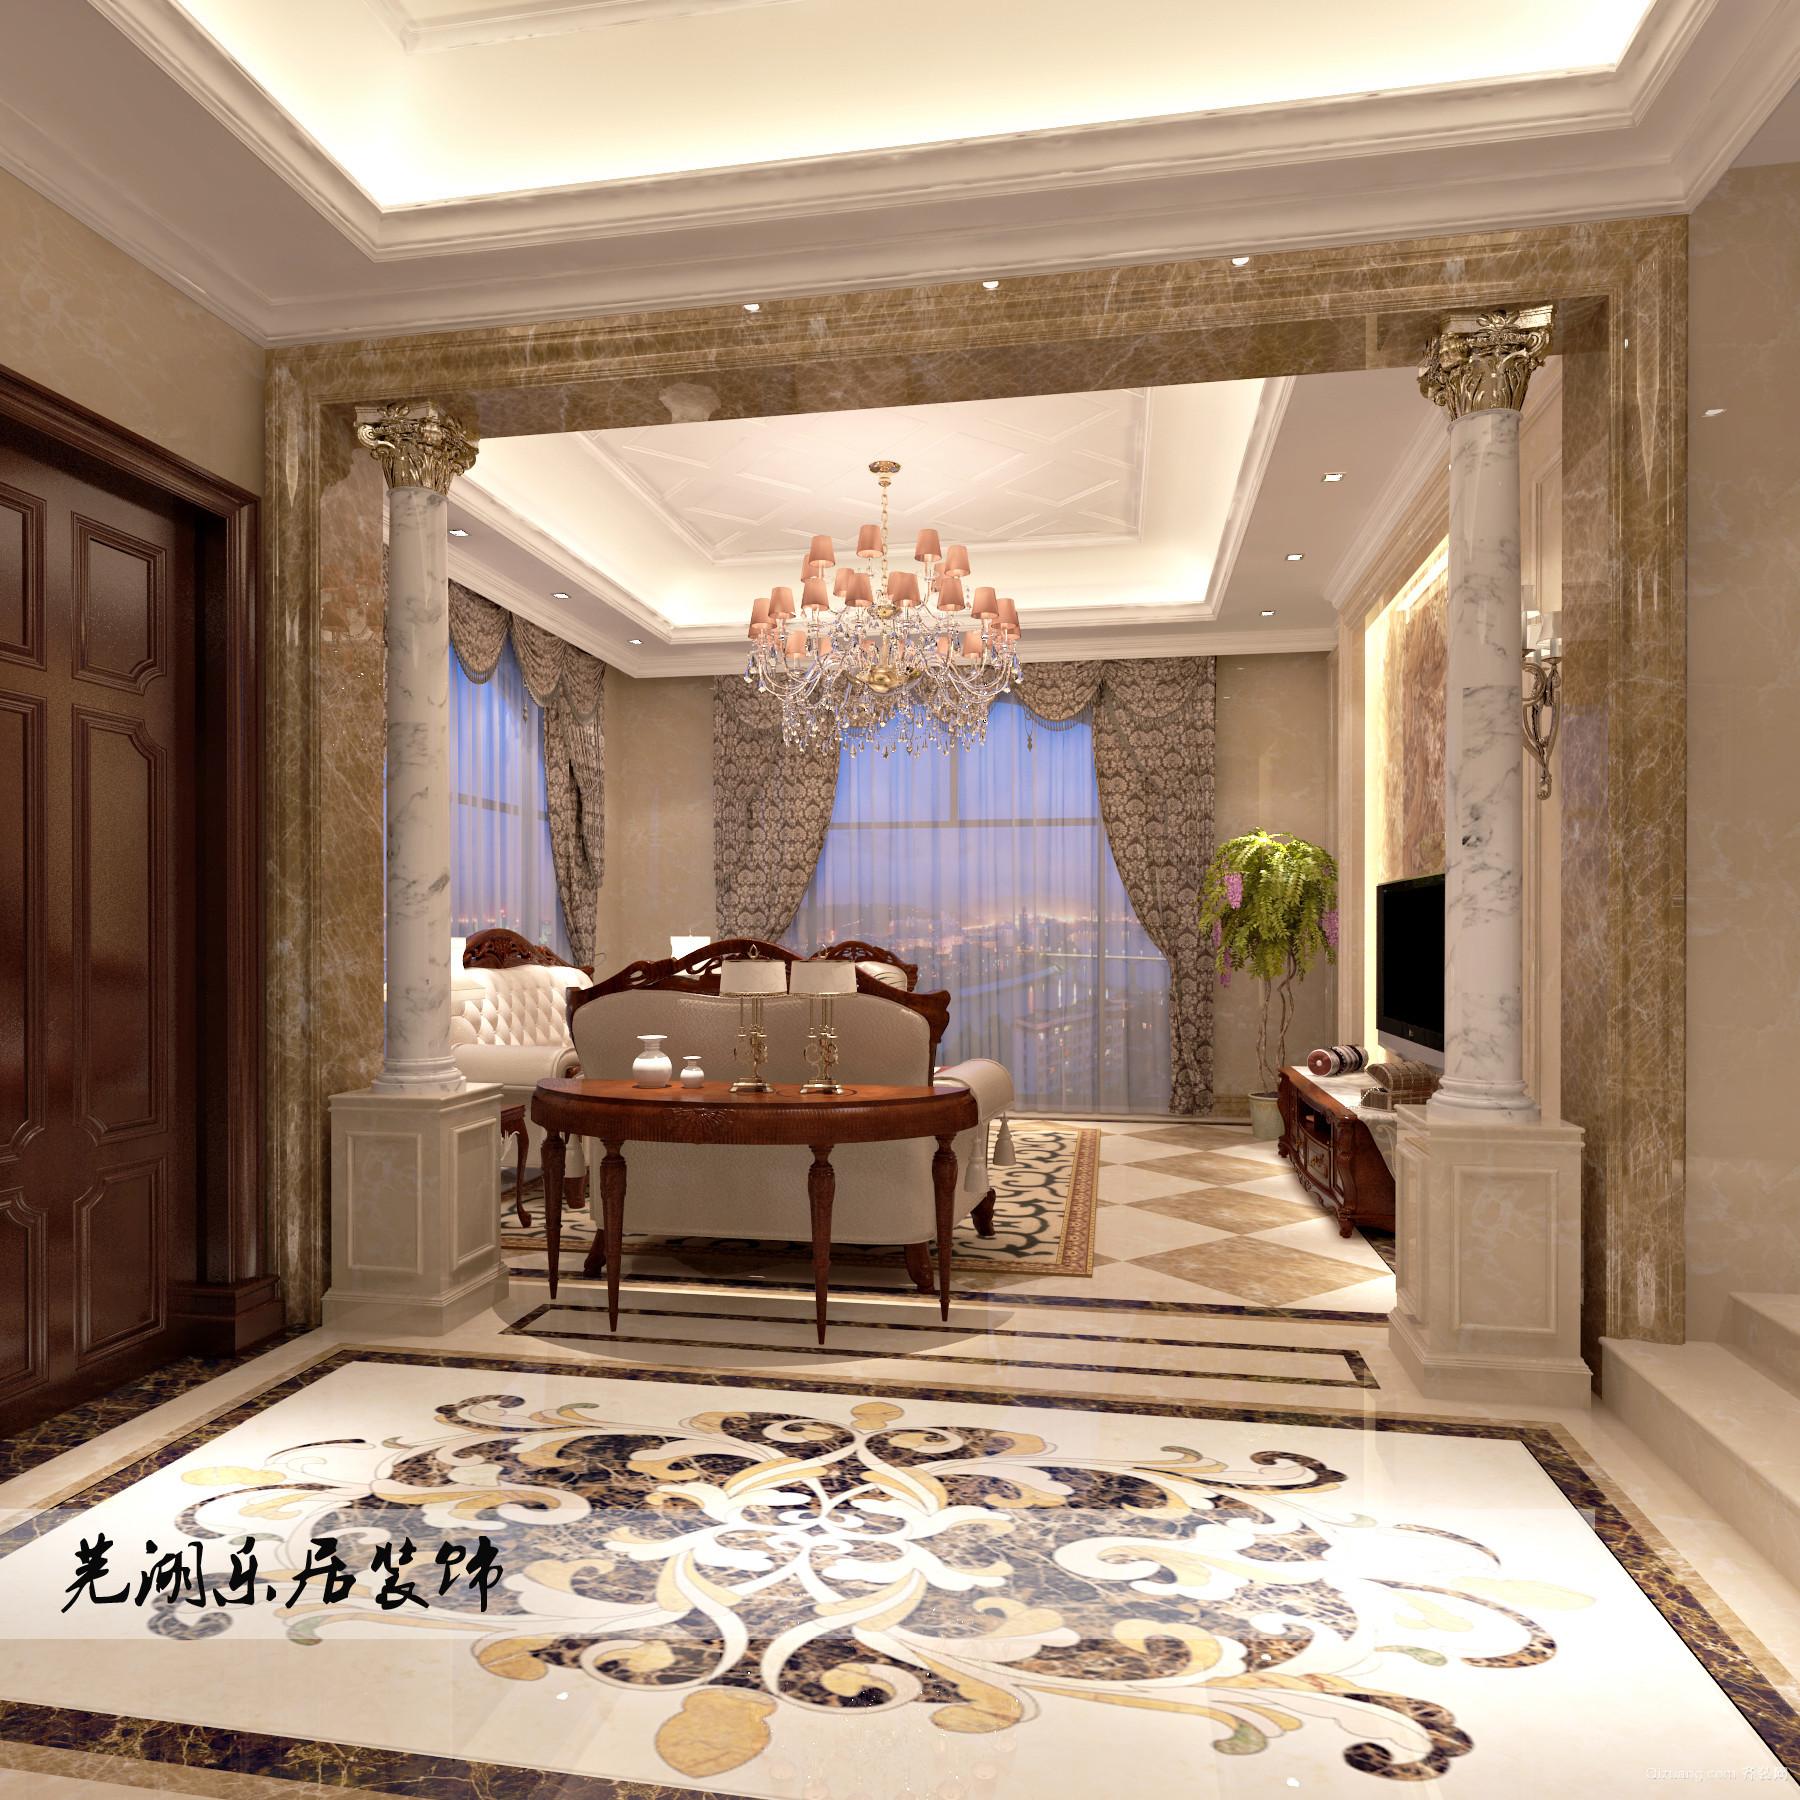 芜湖碧桂园欧式风格装修效果图实景图